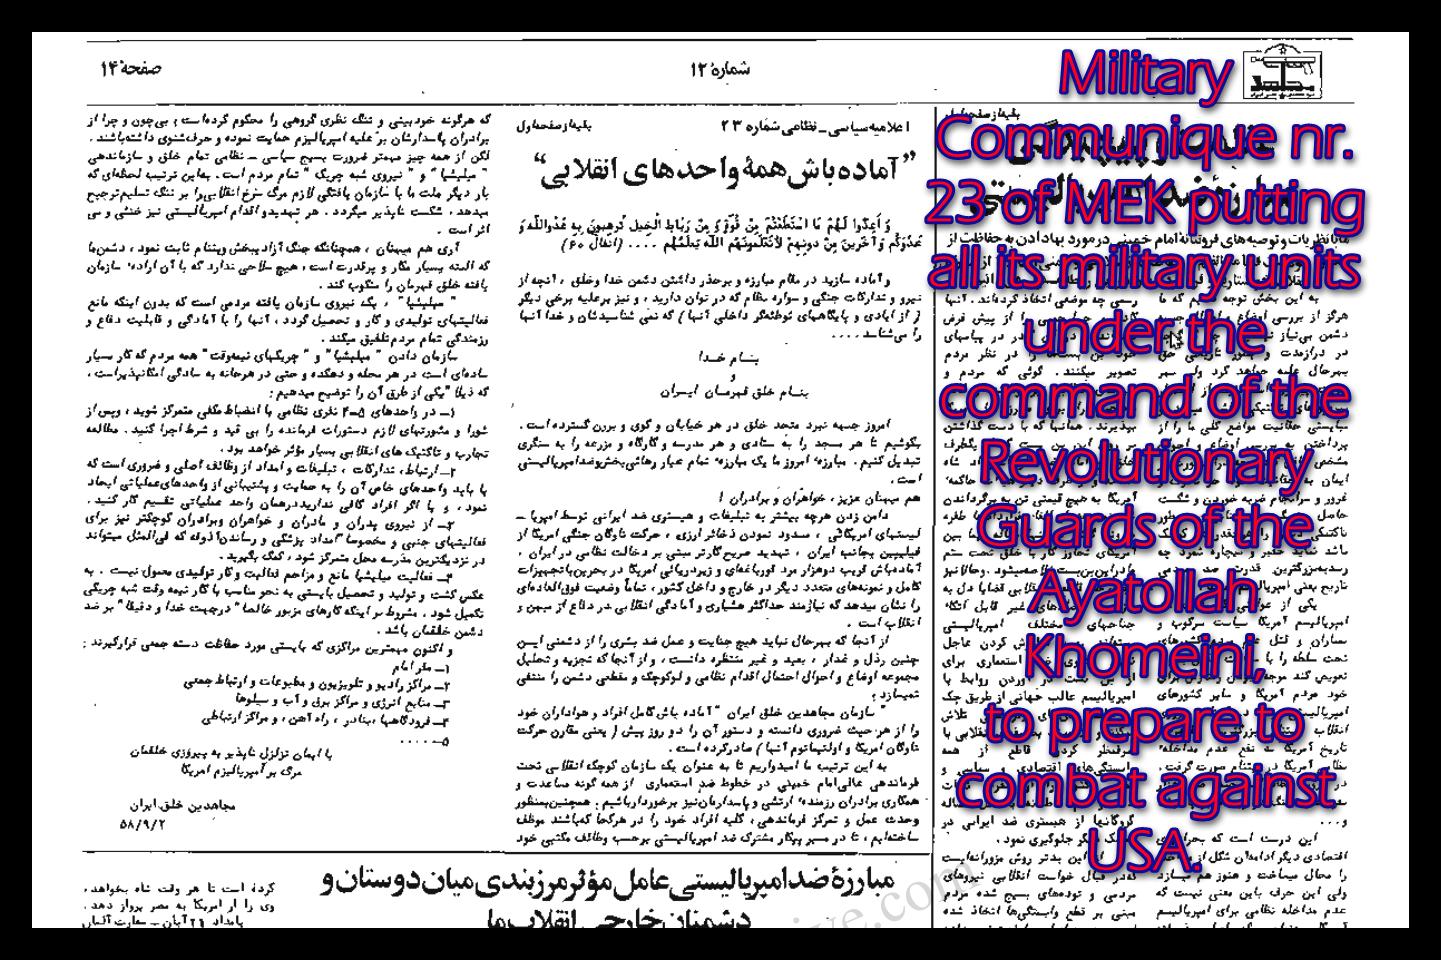 Military com 23